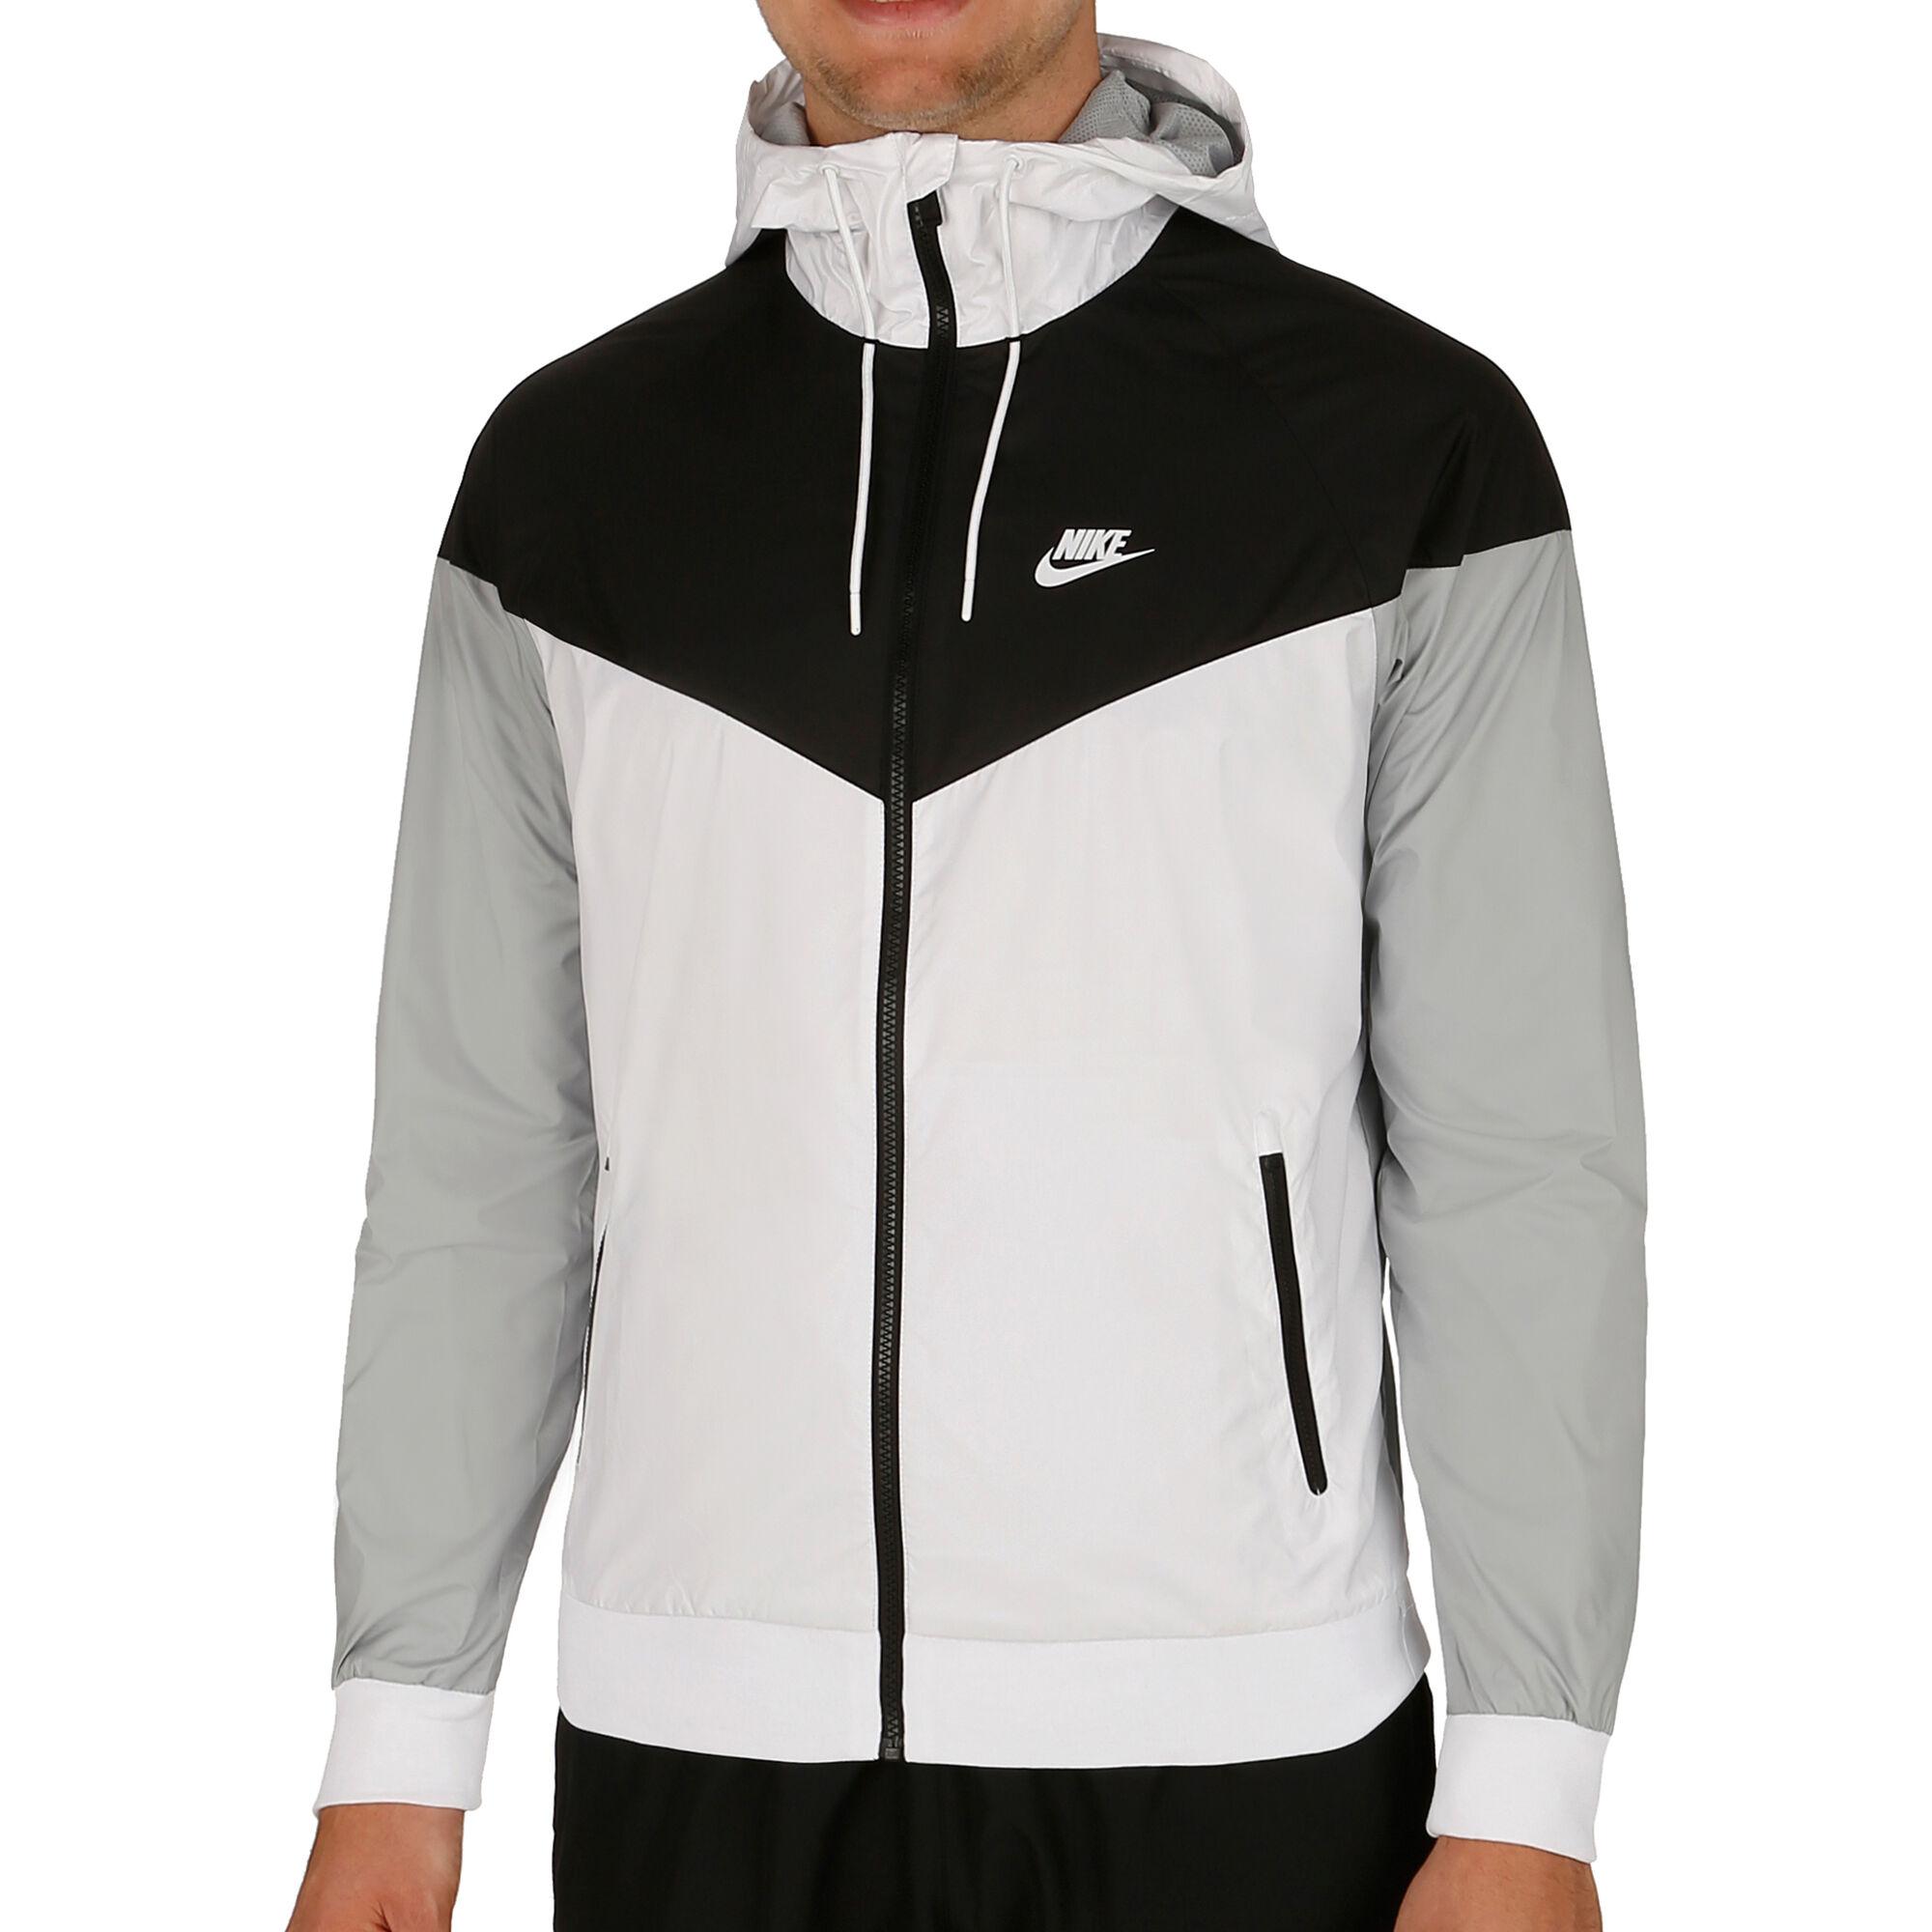 0a746dc92d93 Nike Sportswear Windrunner Laufjacke Herren - Weiß, Schwarz online ...